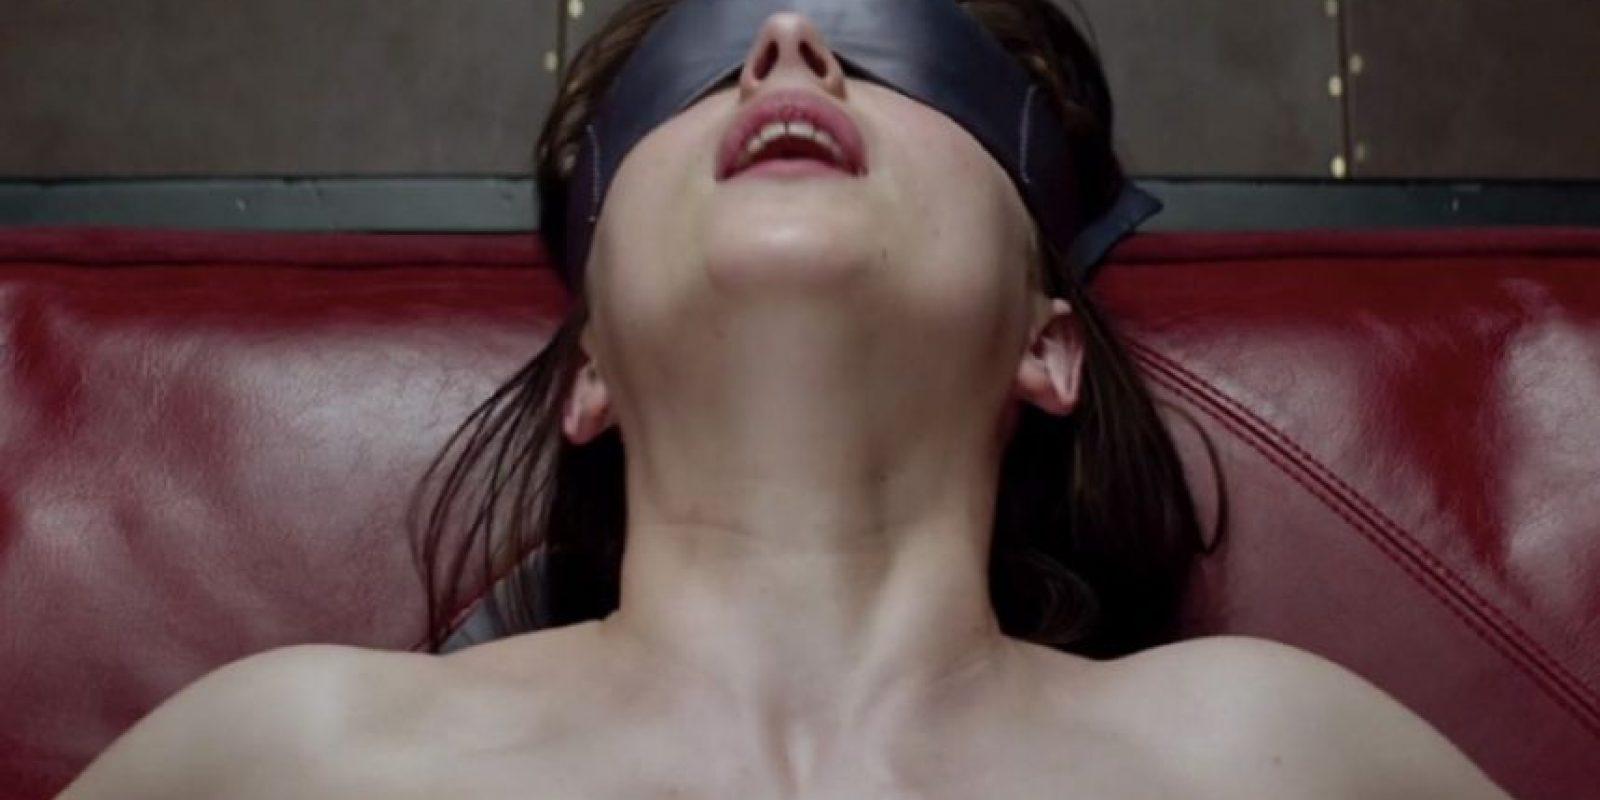 La relación de Jessie la vaquerita y Buzz Lightyear es comparada con la de Anastasia Steele y Christian Grey Foto:Universal